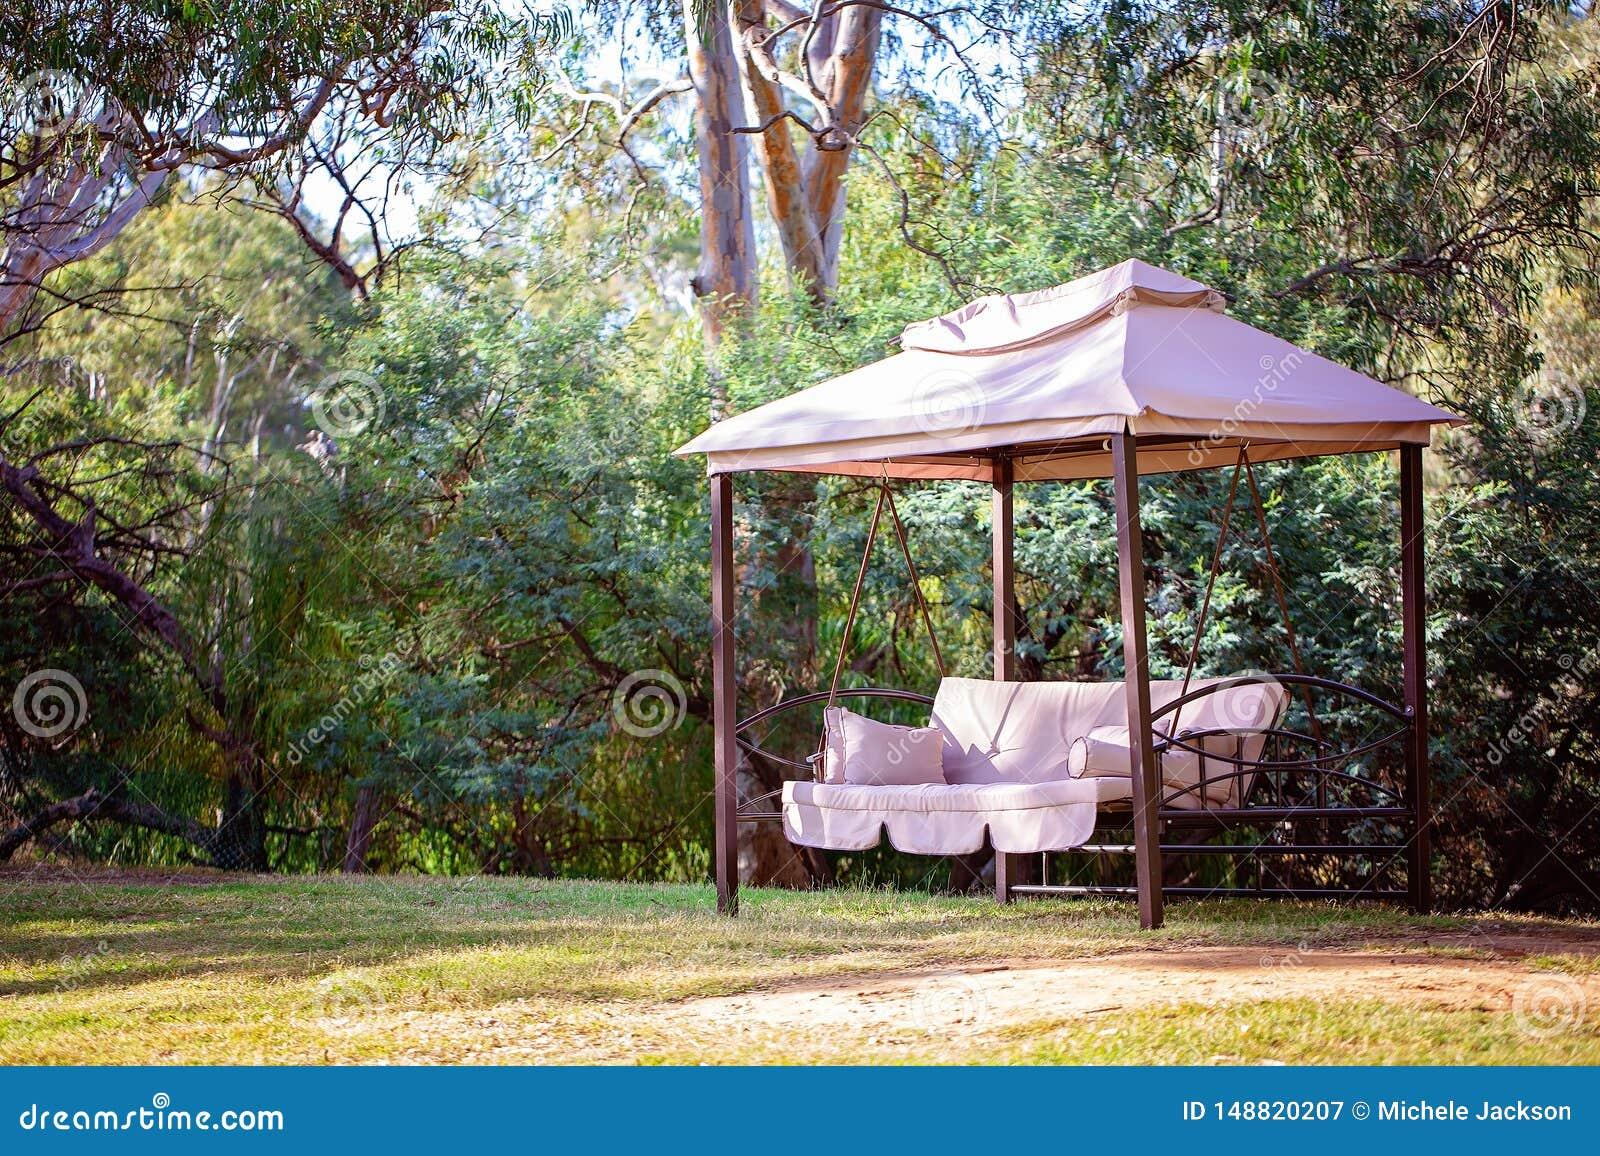 Outdoor Resting Garden Hammock Nature Retreat Relaxing Hanging Swinging Chair